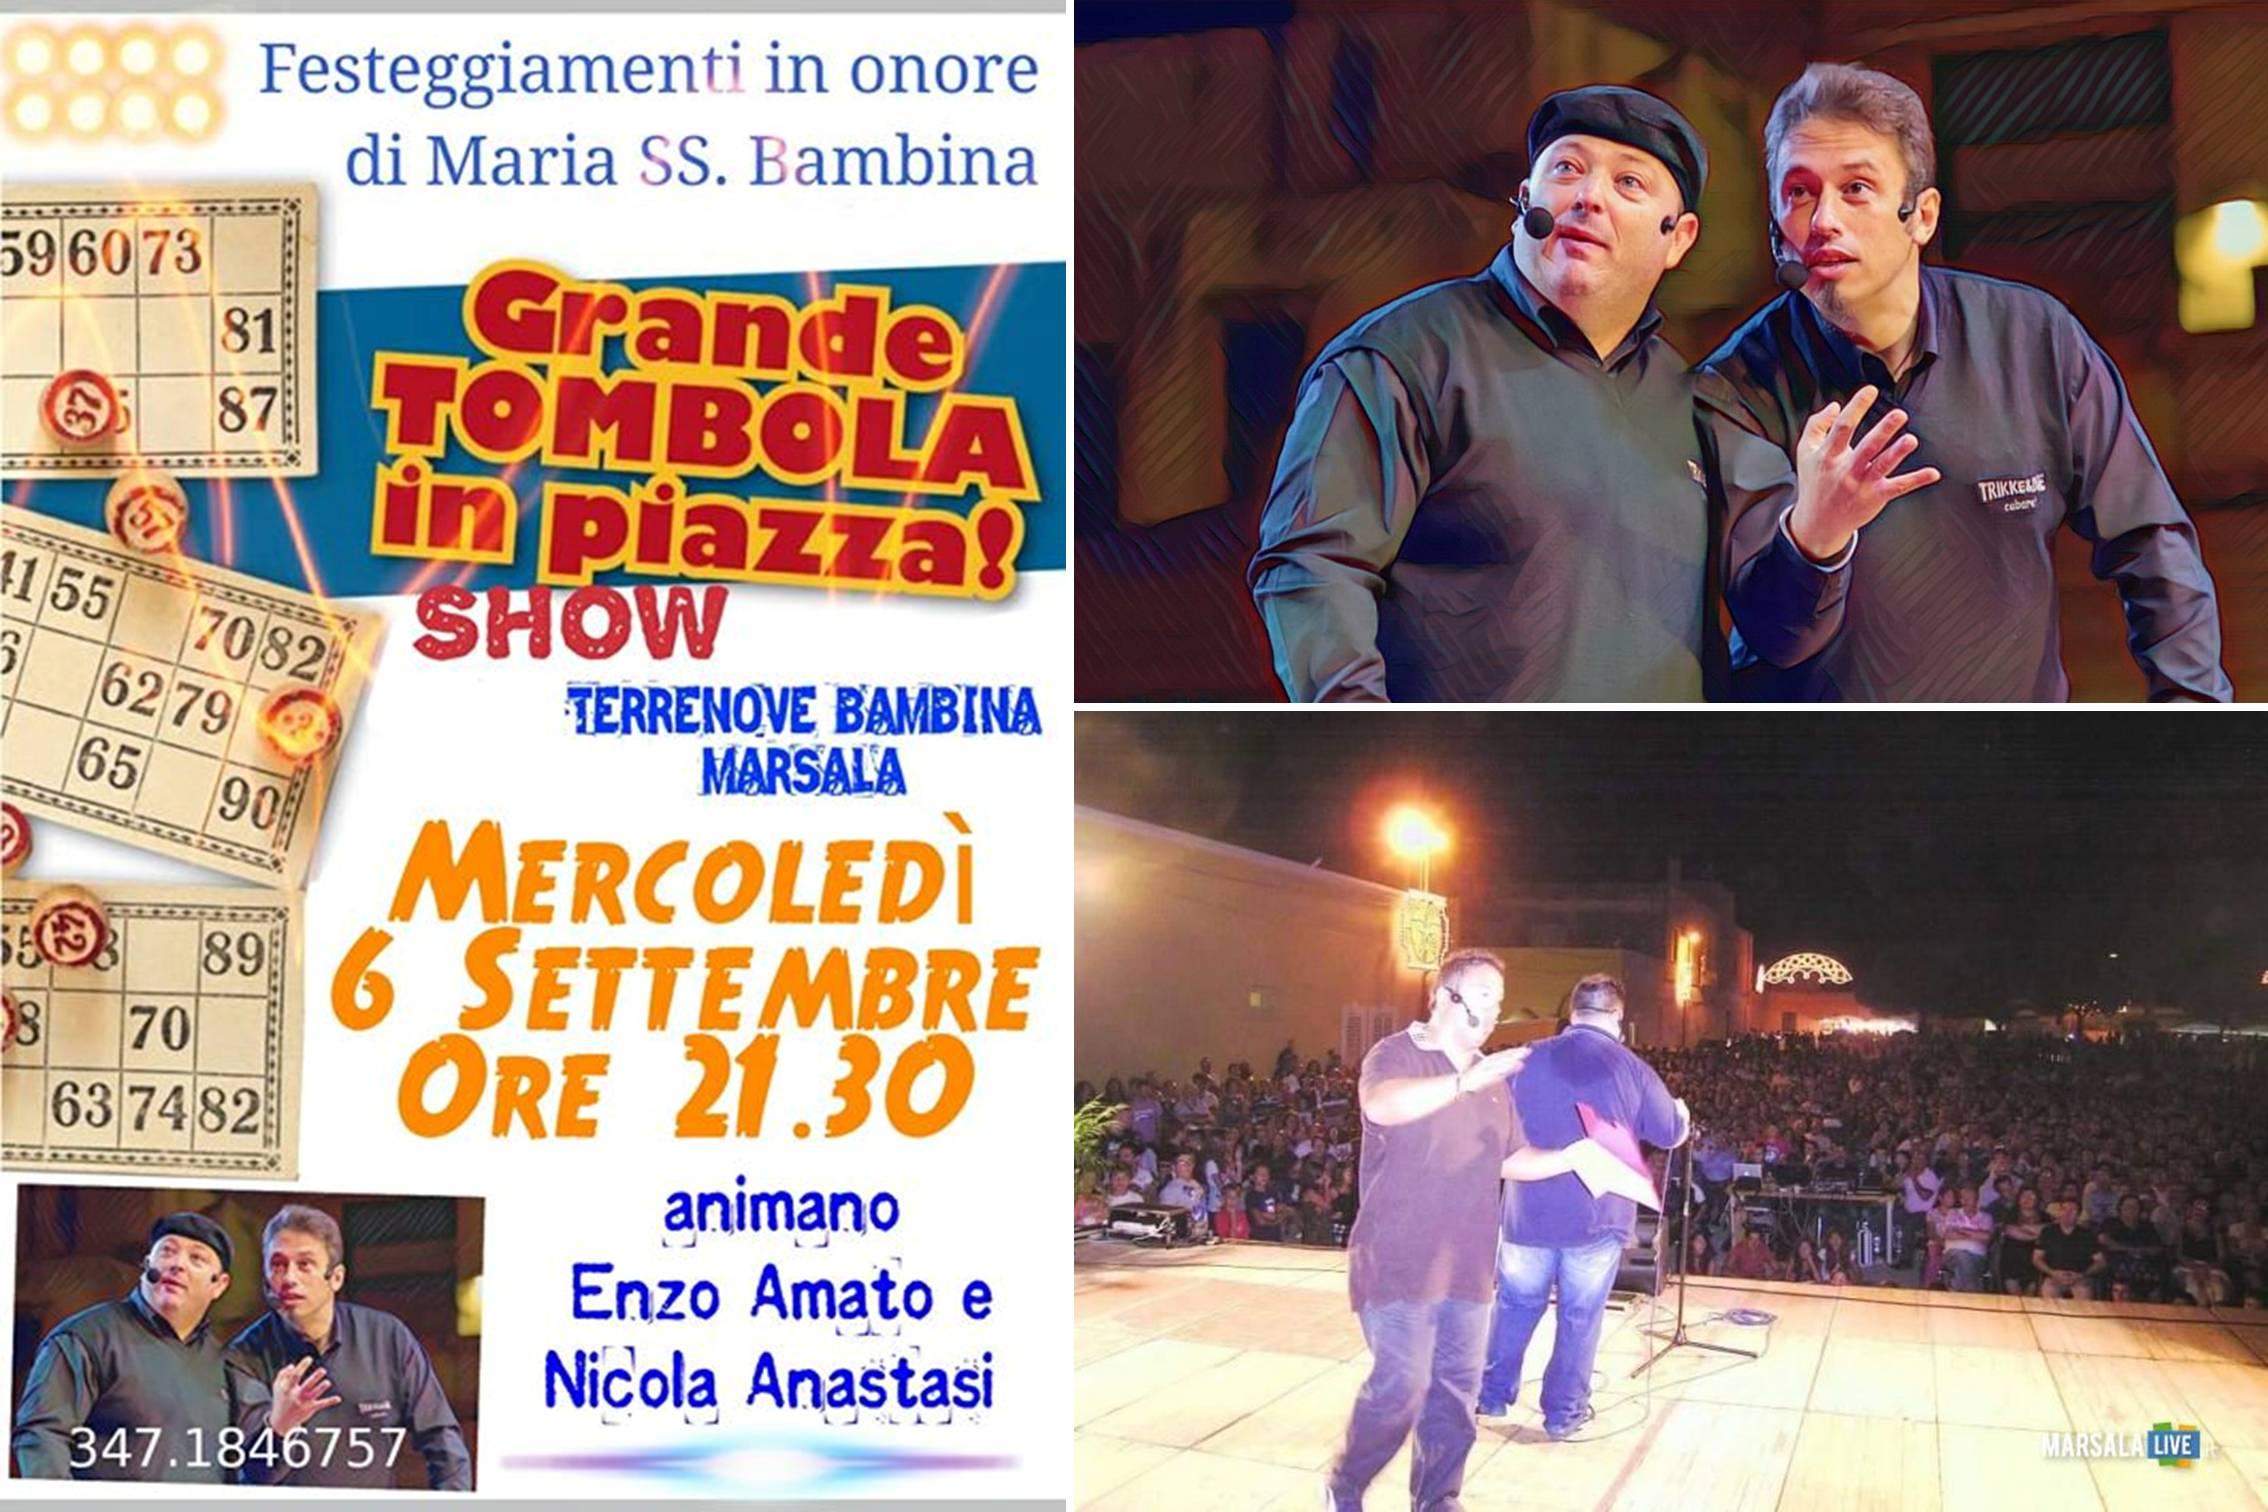 tombola-in-piazza-Bambina-marsala-enzo-amato-nicola-anastasi